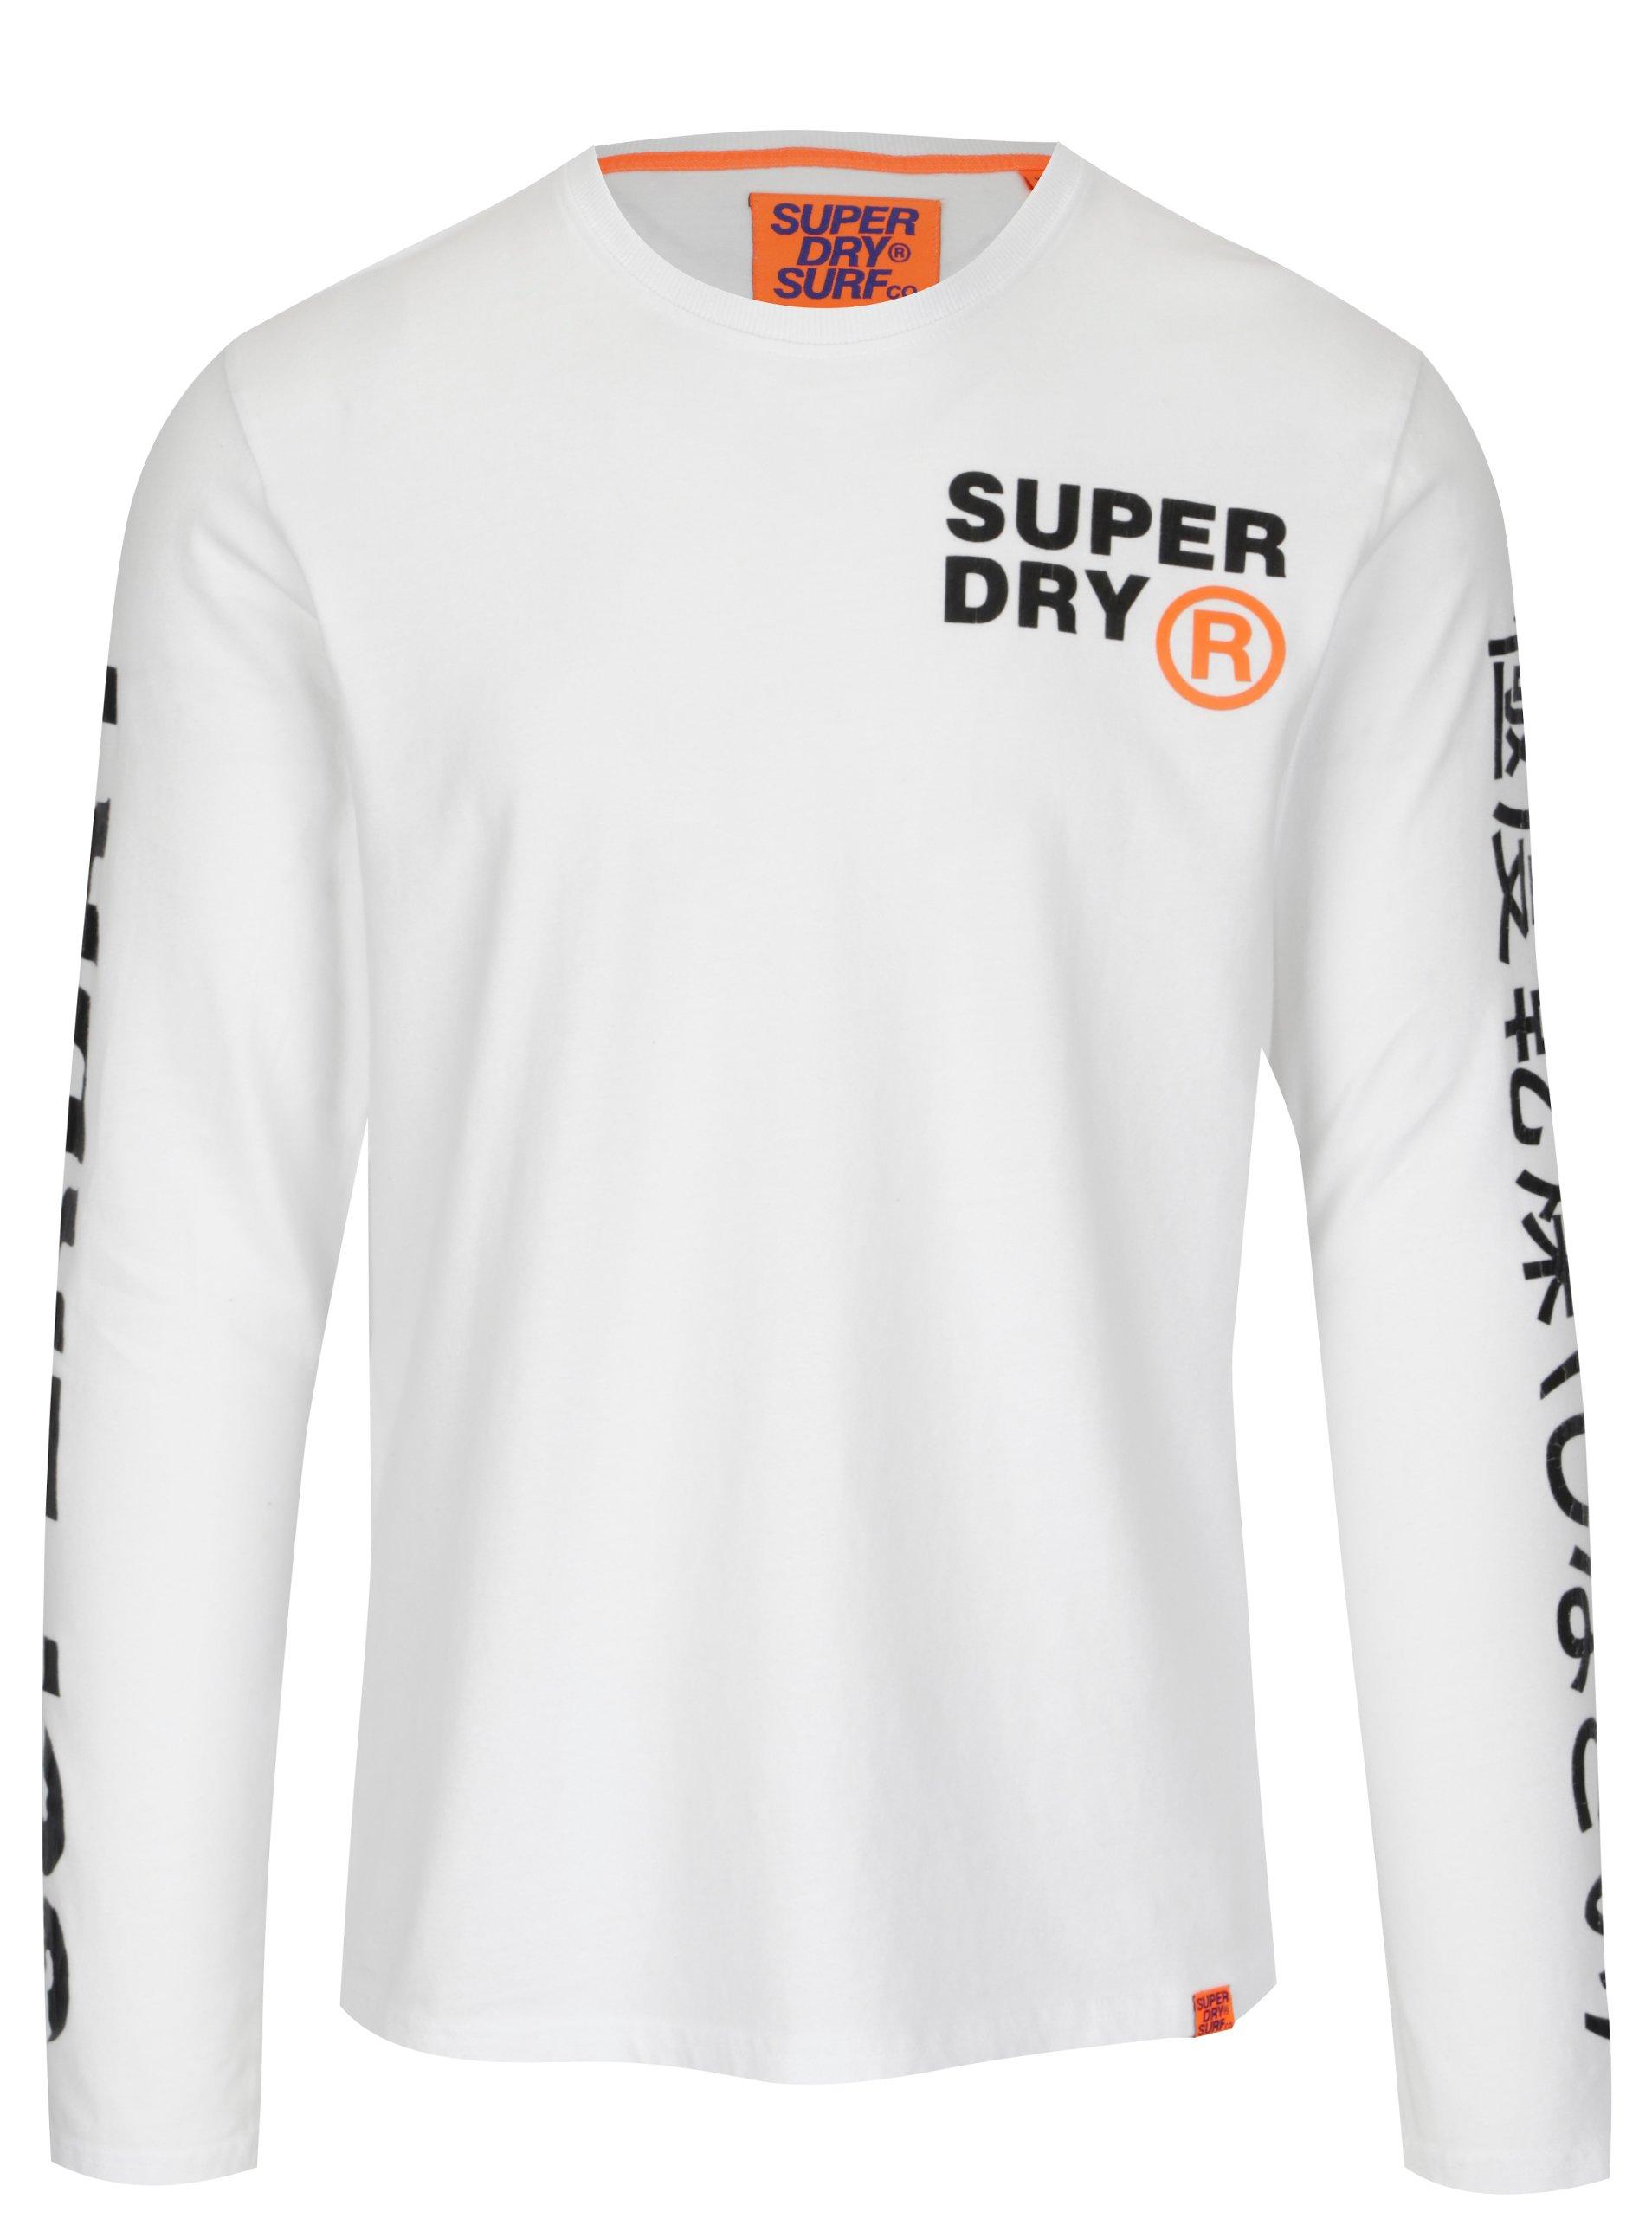 2c3c7fa5a153 Biele pánske tričko s dlhým rukávom Superdry